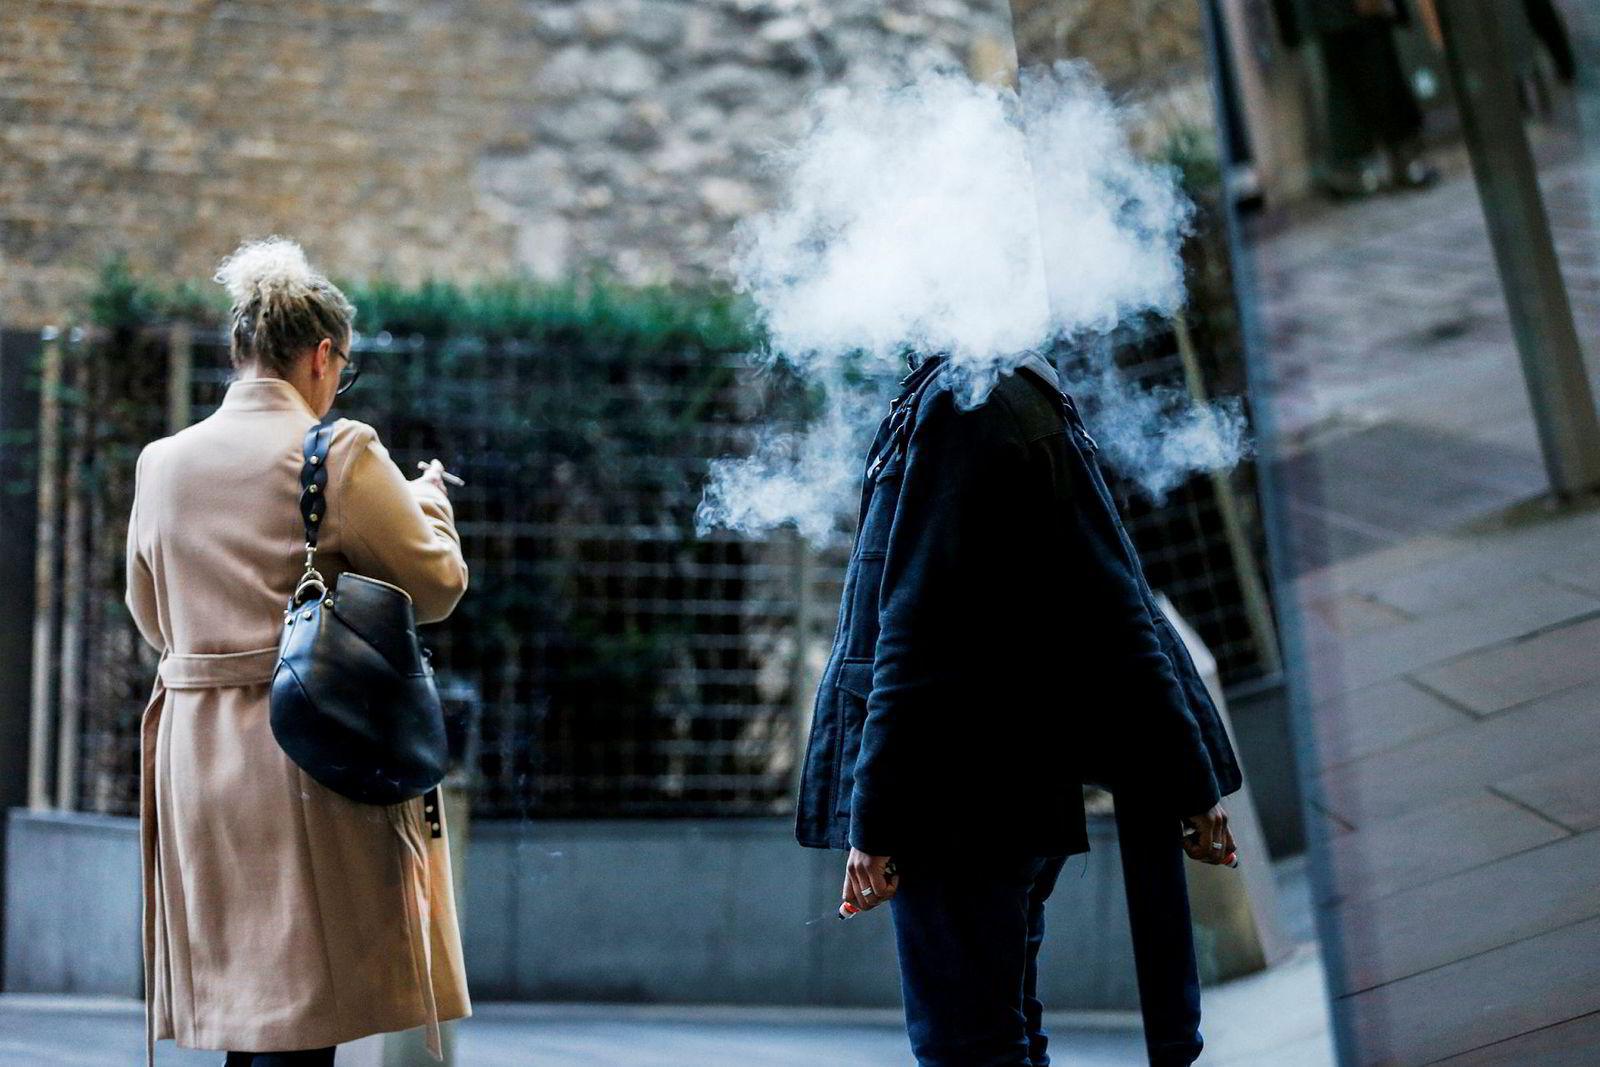 Et oktoberbilde fra en London-gate viser en tradisjonell sigarettrøyker som passerer en annen røyker innhyllet i dampen fra en e-sigarett.